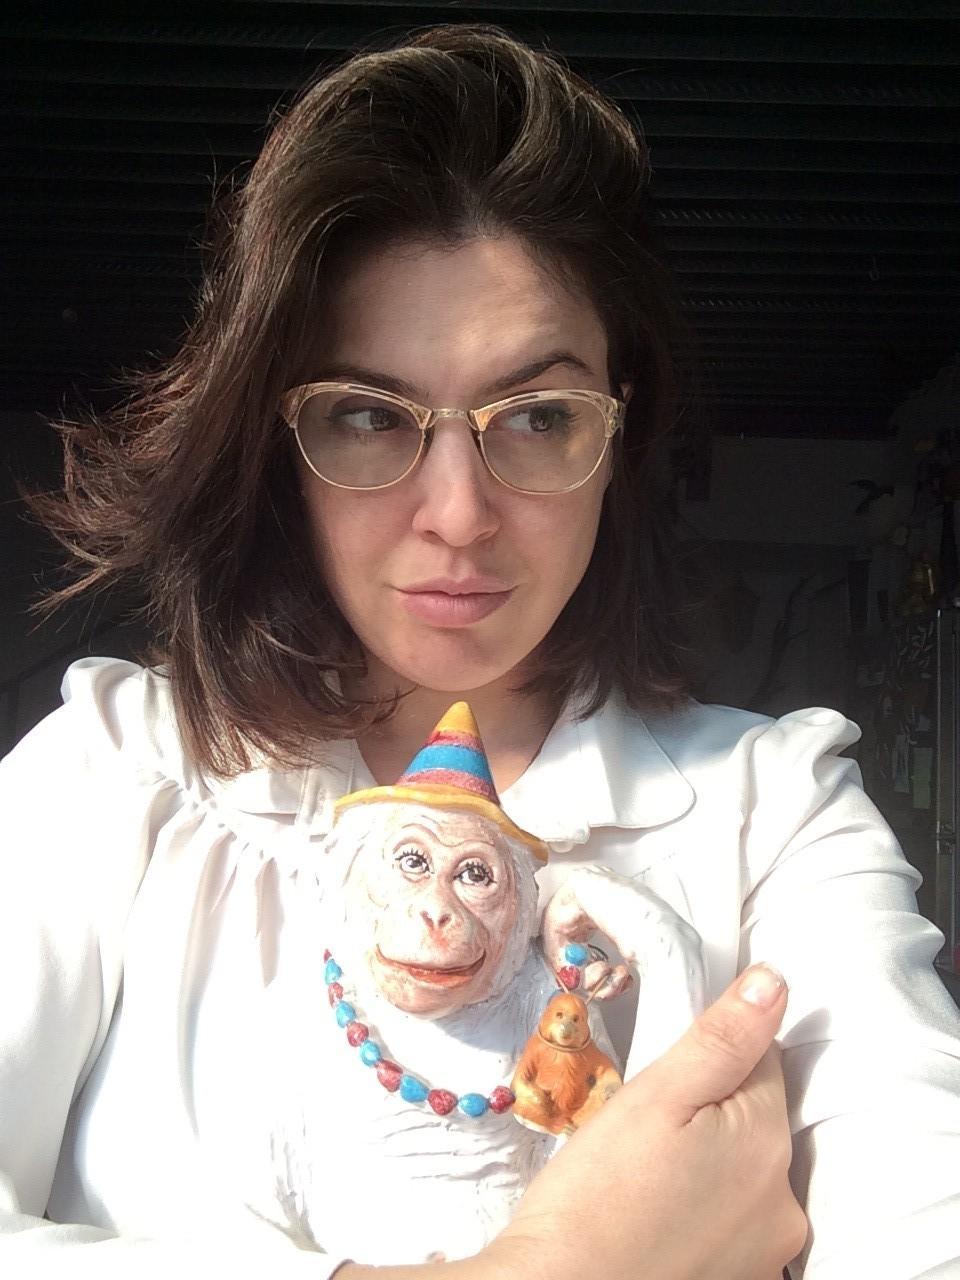 la-scimmia-bianca-di-porcellana-fiaba-elena-borghi